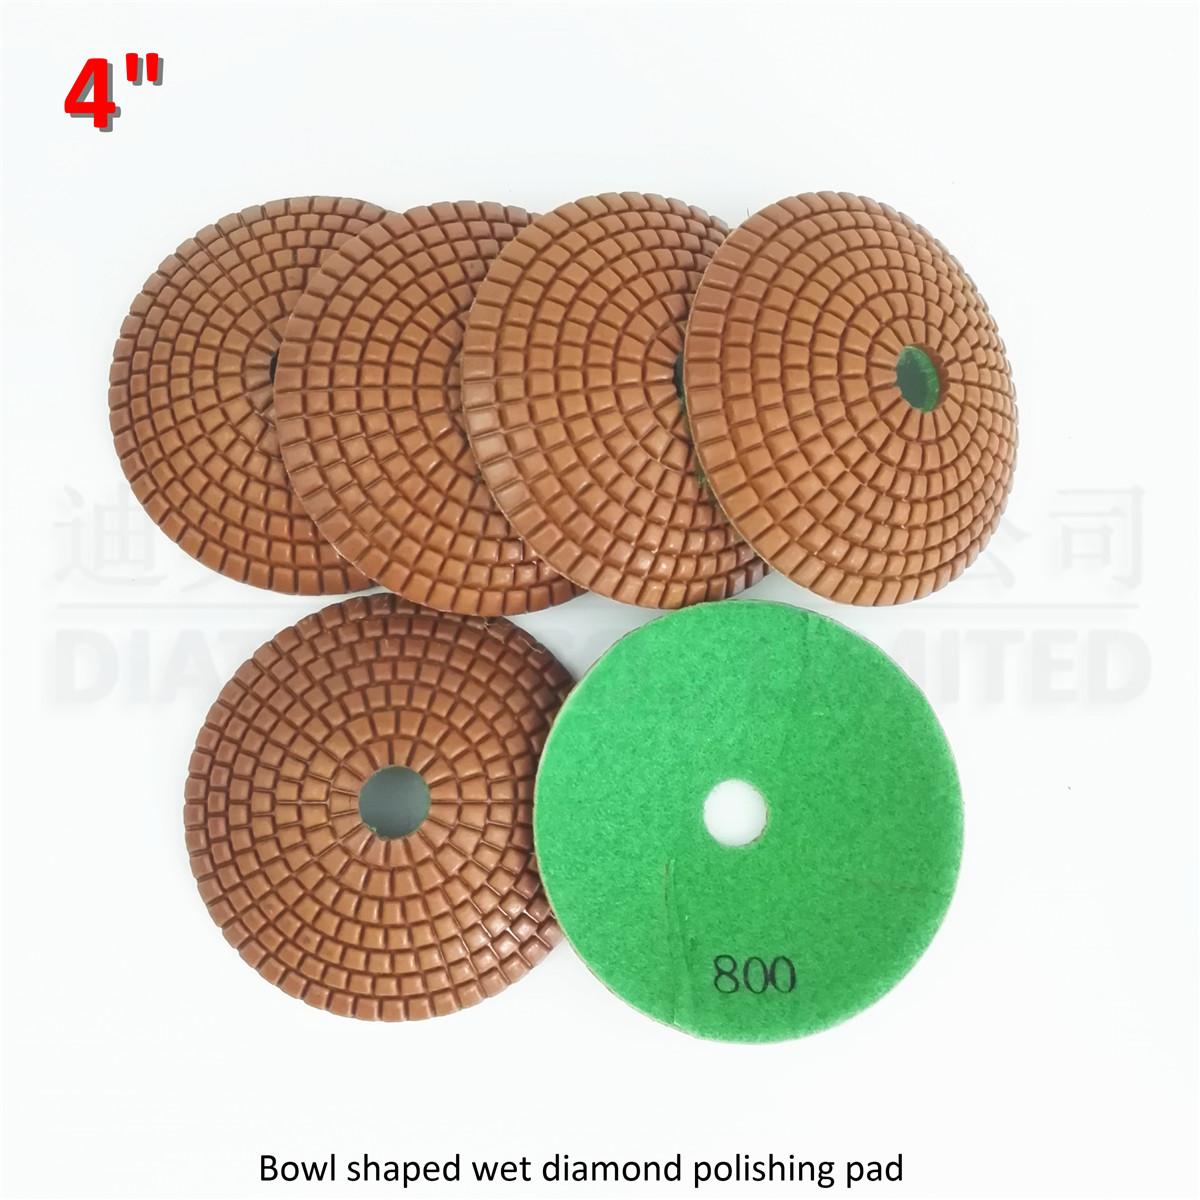 [해외]DIATOOL 화강암 대리석 타일 4 & 800 그릇 모양의 연마 패드에 대 한 6pcs 100MM 볼록 샌딩 디스크/DIATOOL 6pcs 100MM convex sanding disc  for granite marble tile 4& 800 bowl